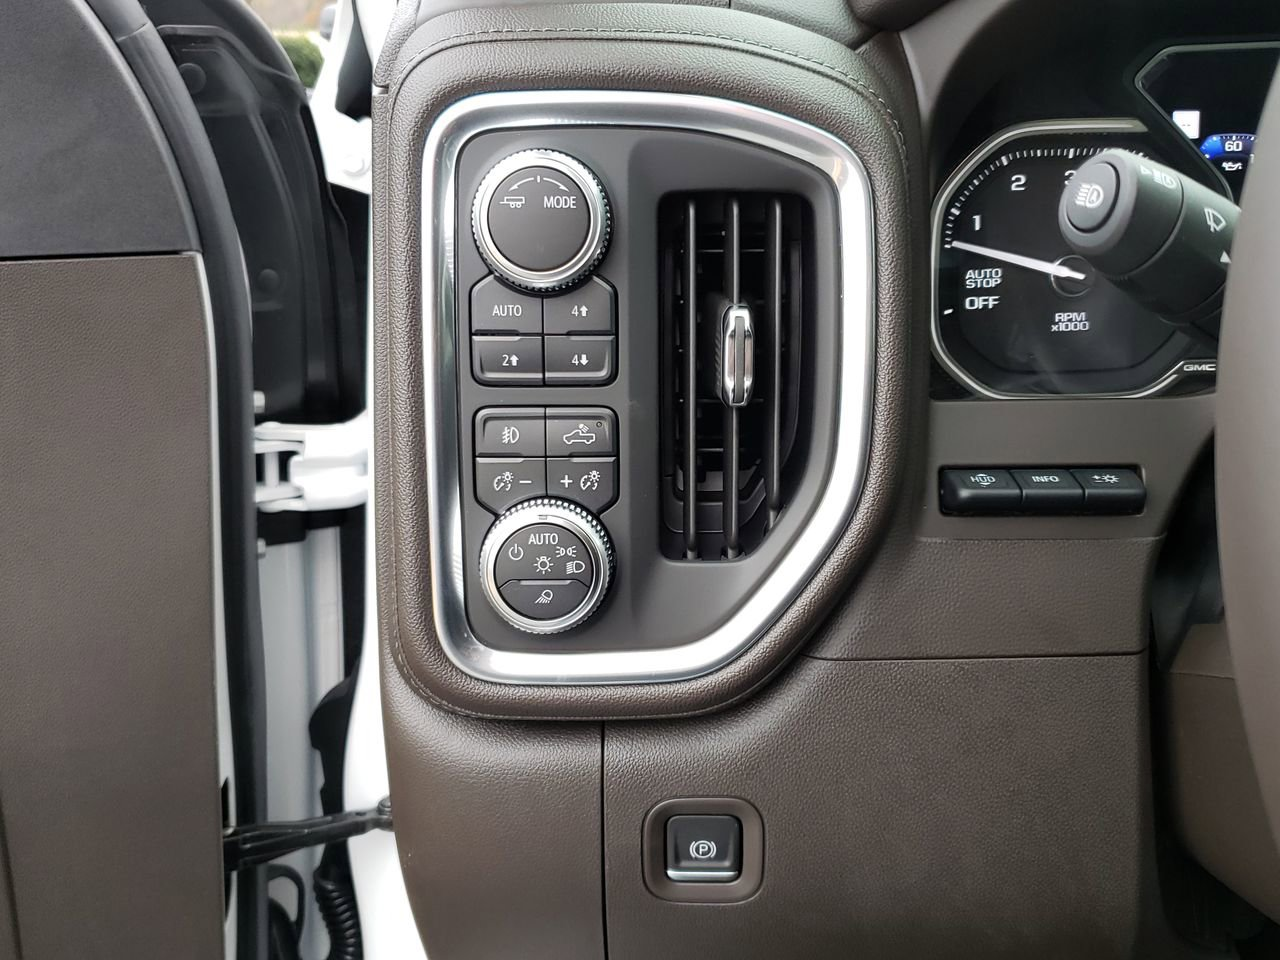 New 2020 GMC Sierra 1500 Denali